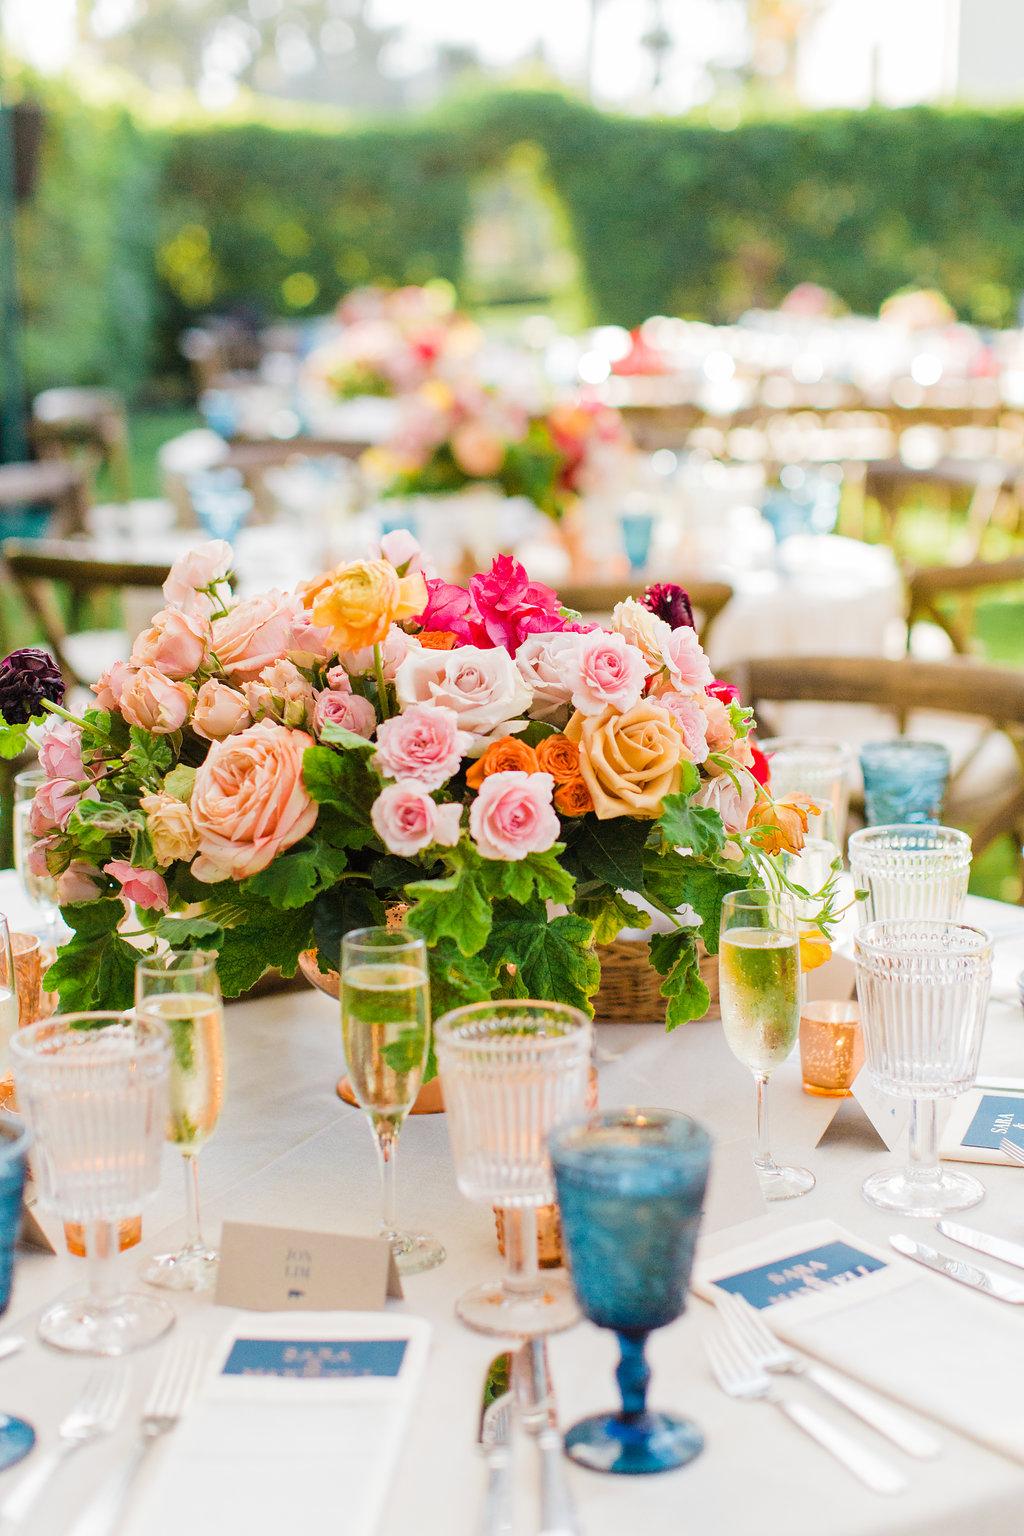 alegria-by-design-wedding-planner-planning-coordinator-day-of-month-event-design-santa-barbara-courthouse-garden-university-club-riviera-mansion-blue-bright (15).jpg